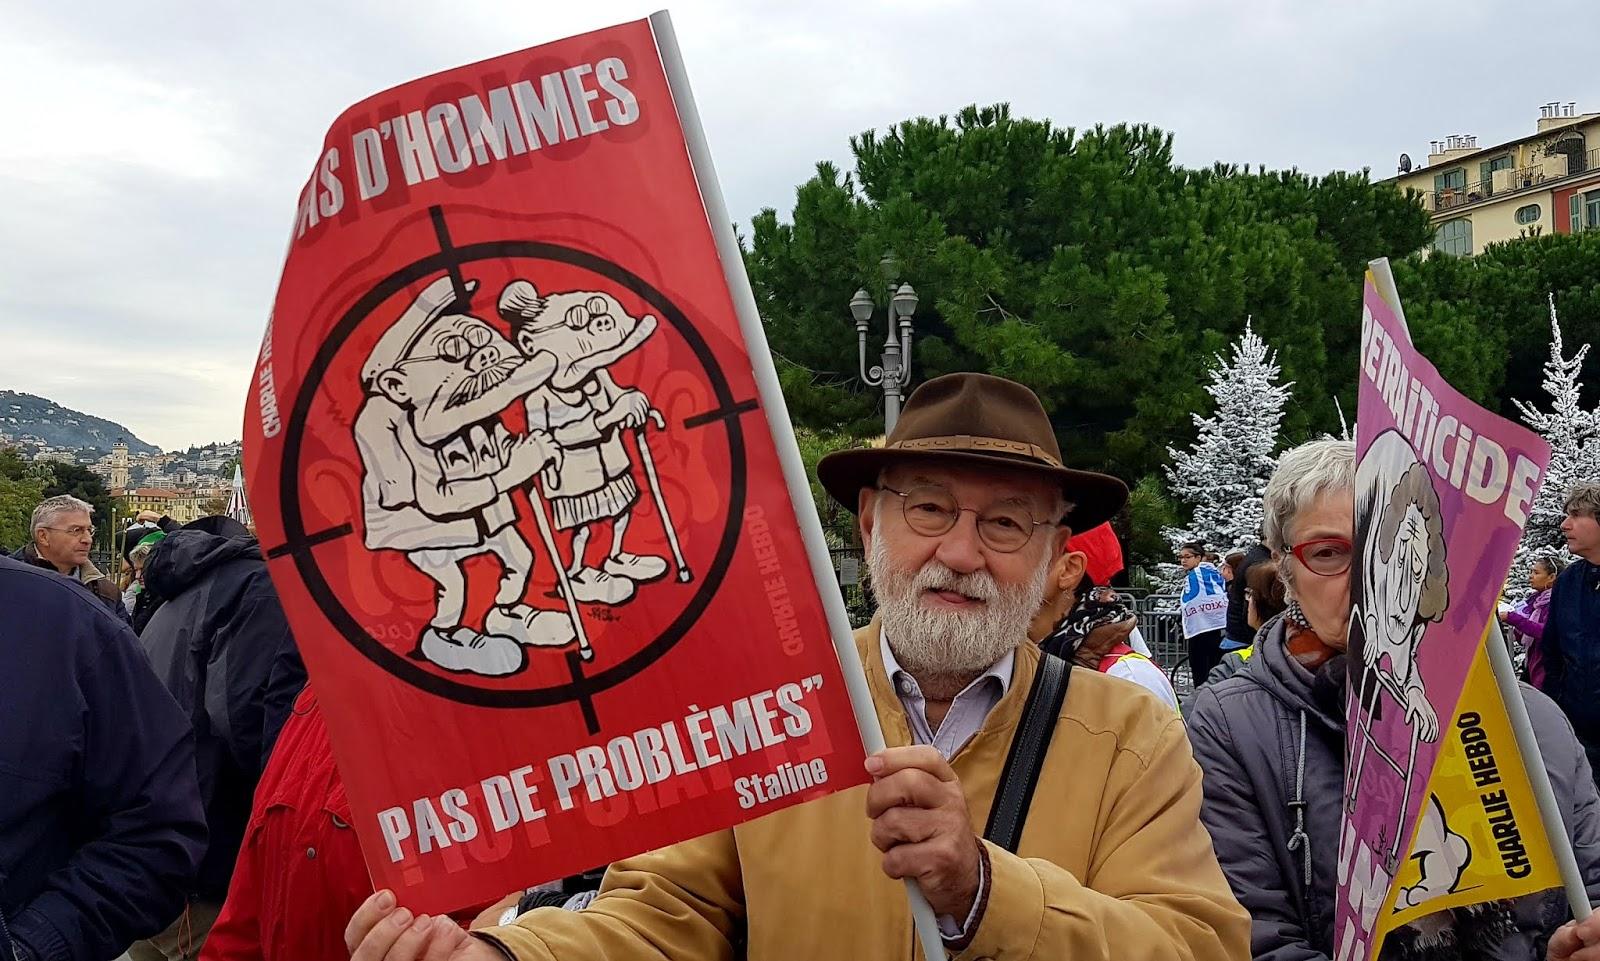 Manifestation contre le projet de réforme des retraites à Nice, place Massena, le jeudi 5 décembre 2019 | © C.A. pour Rivieractu Magazine